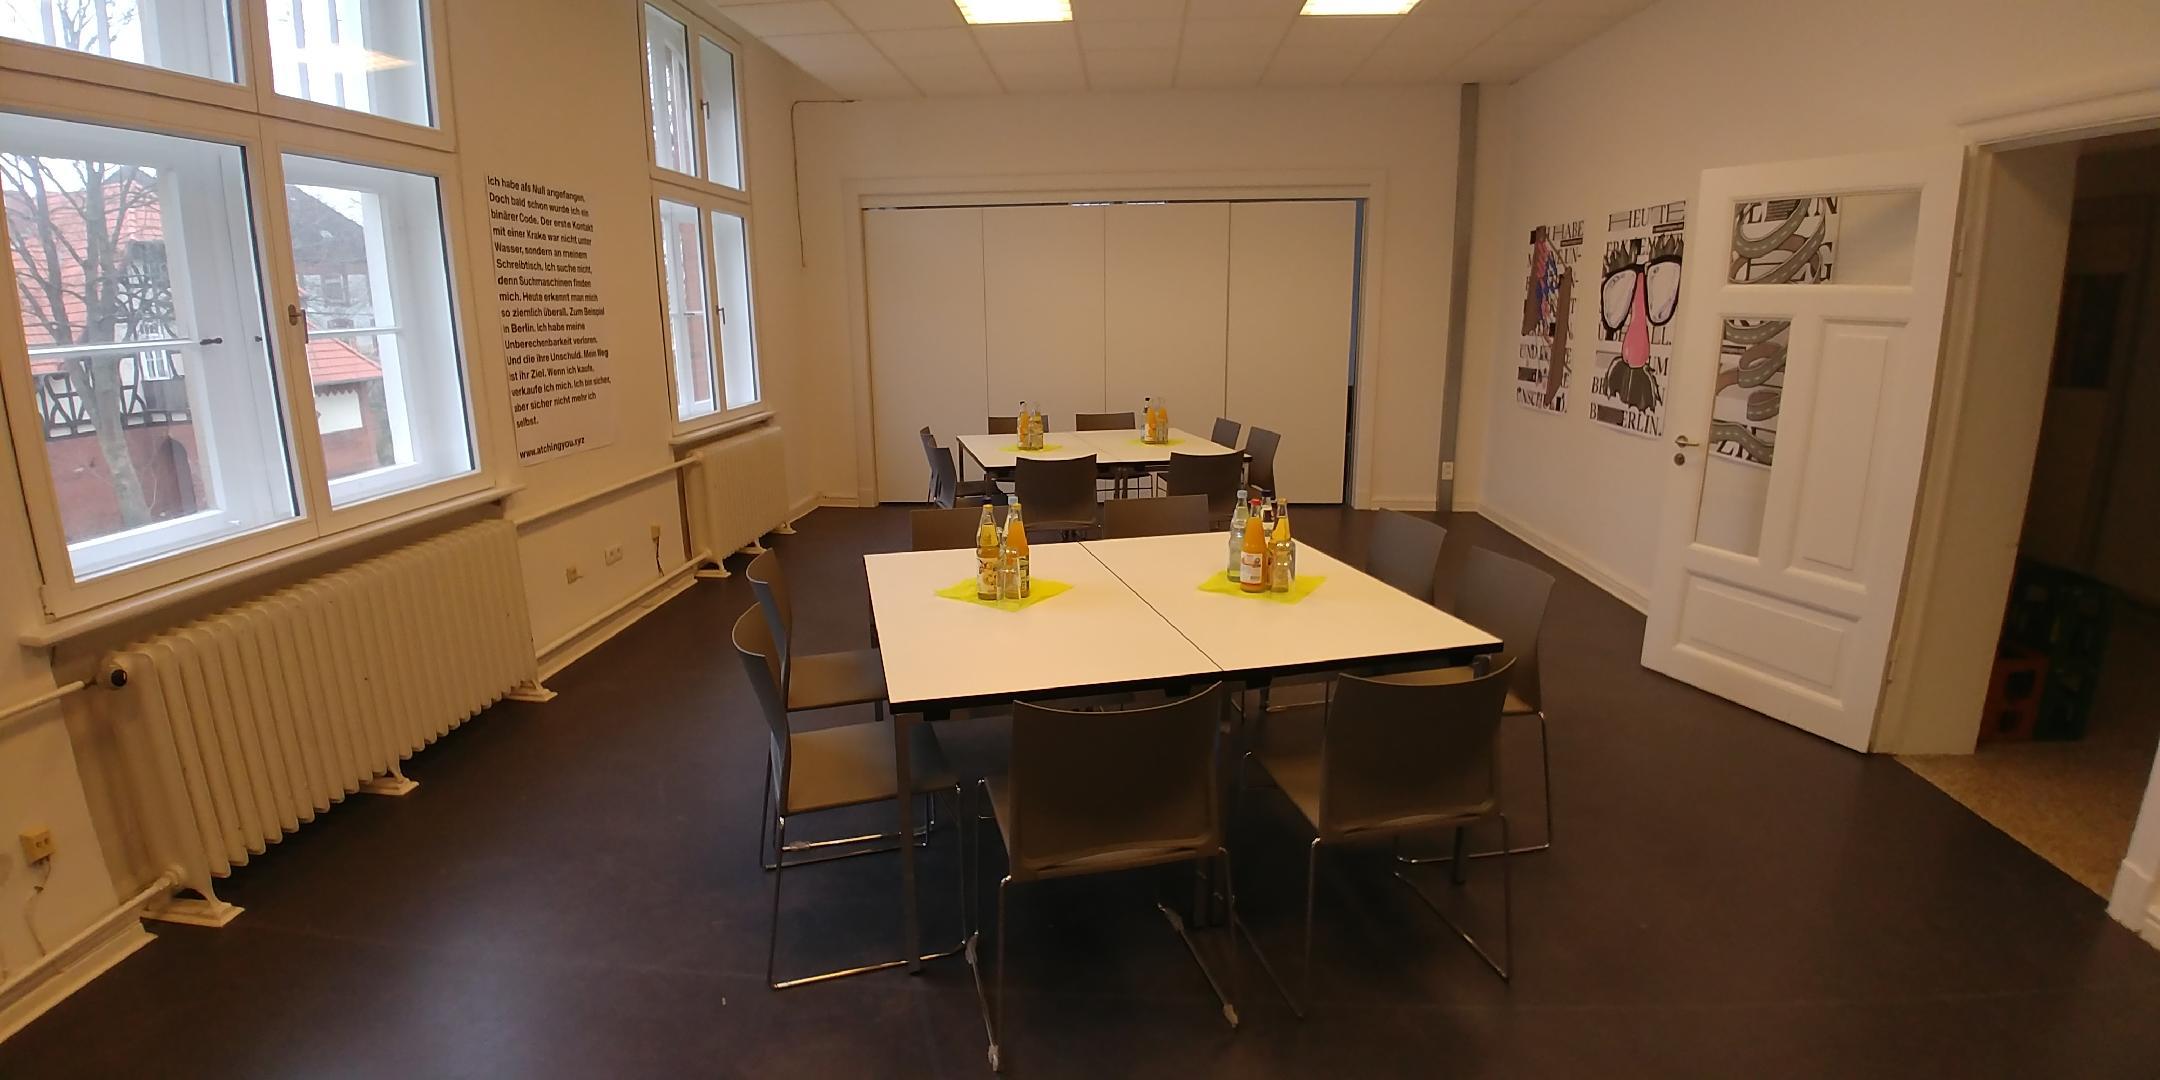 Picture 3 of Seminarraum